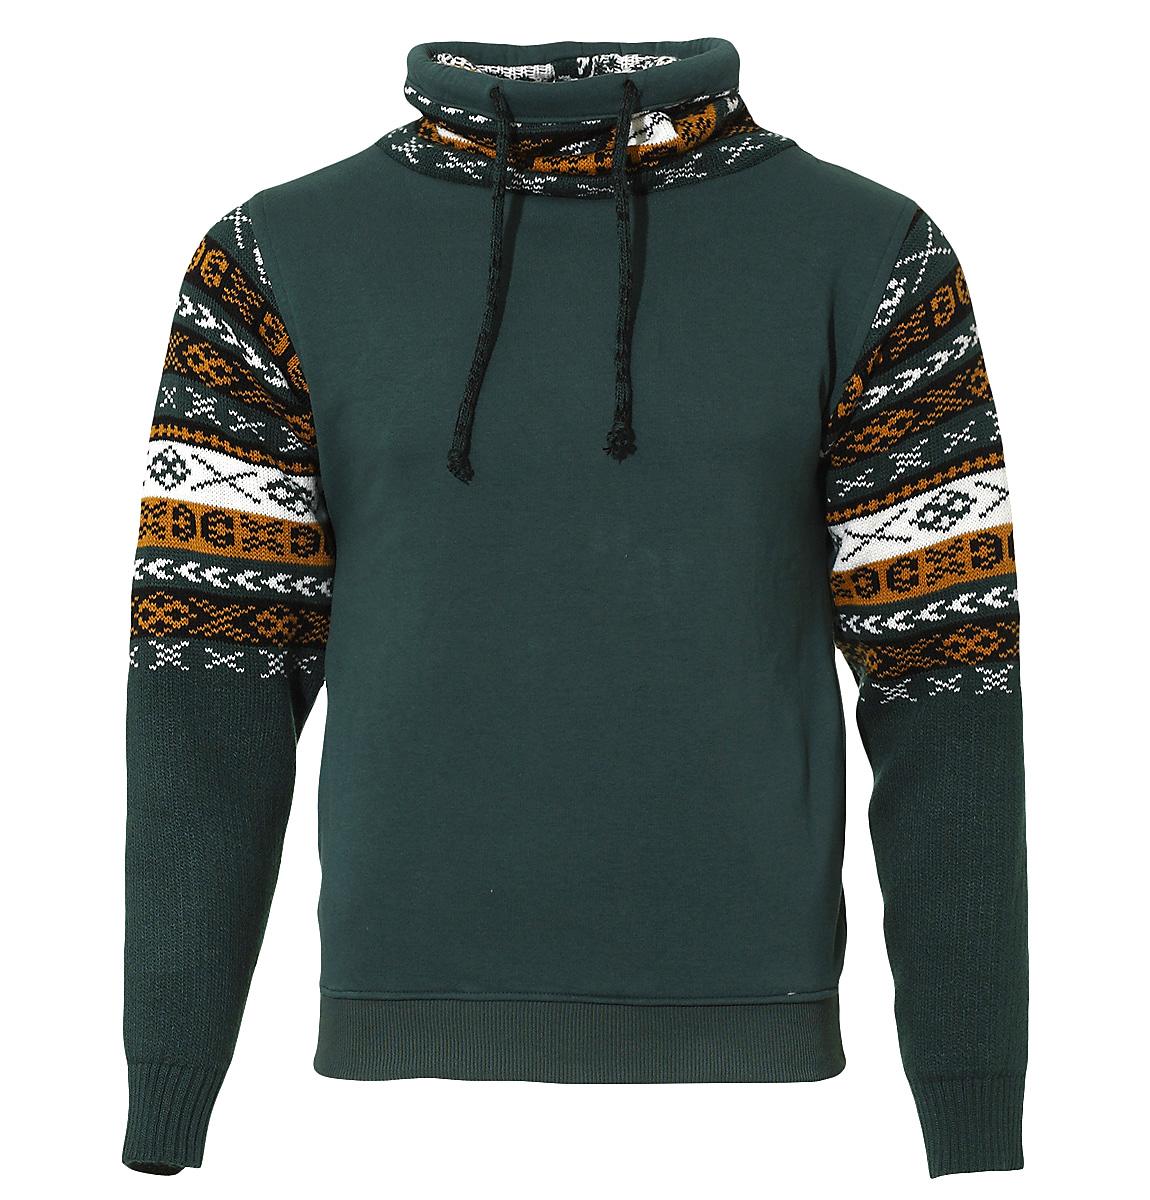 Ανδρικό Φούτερ Knitwear Sleeves-Κυπαρισσί αρχική ανδρικά ρούχα φούτερ